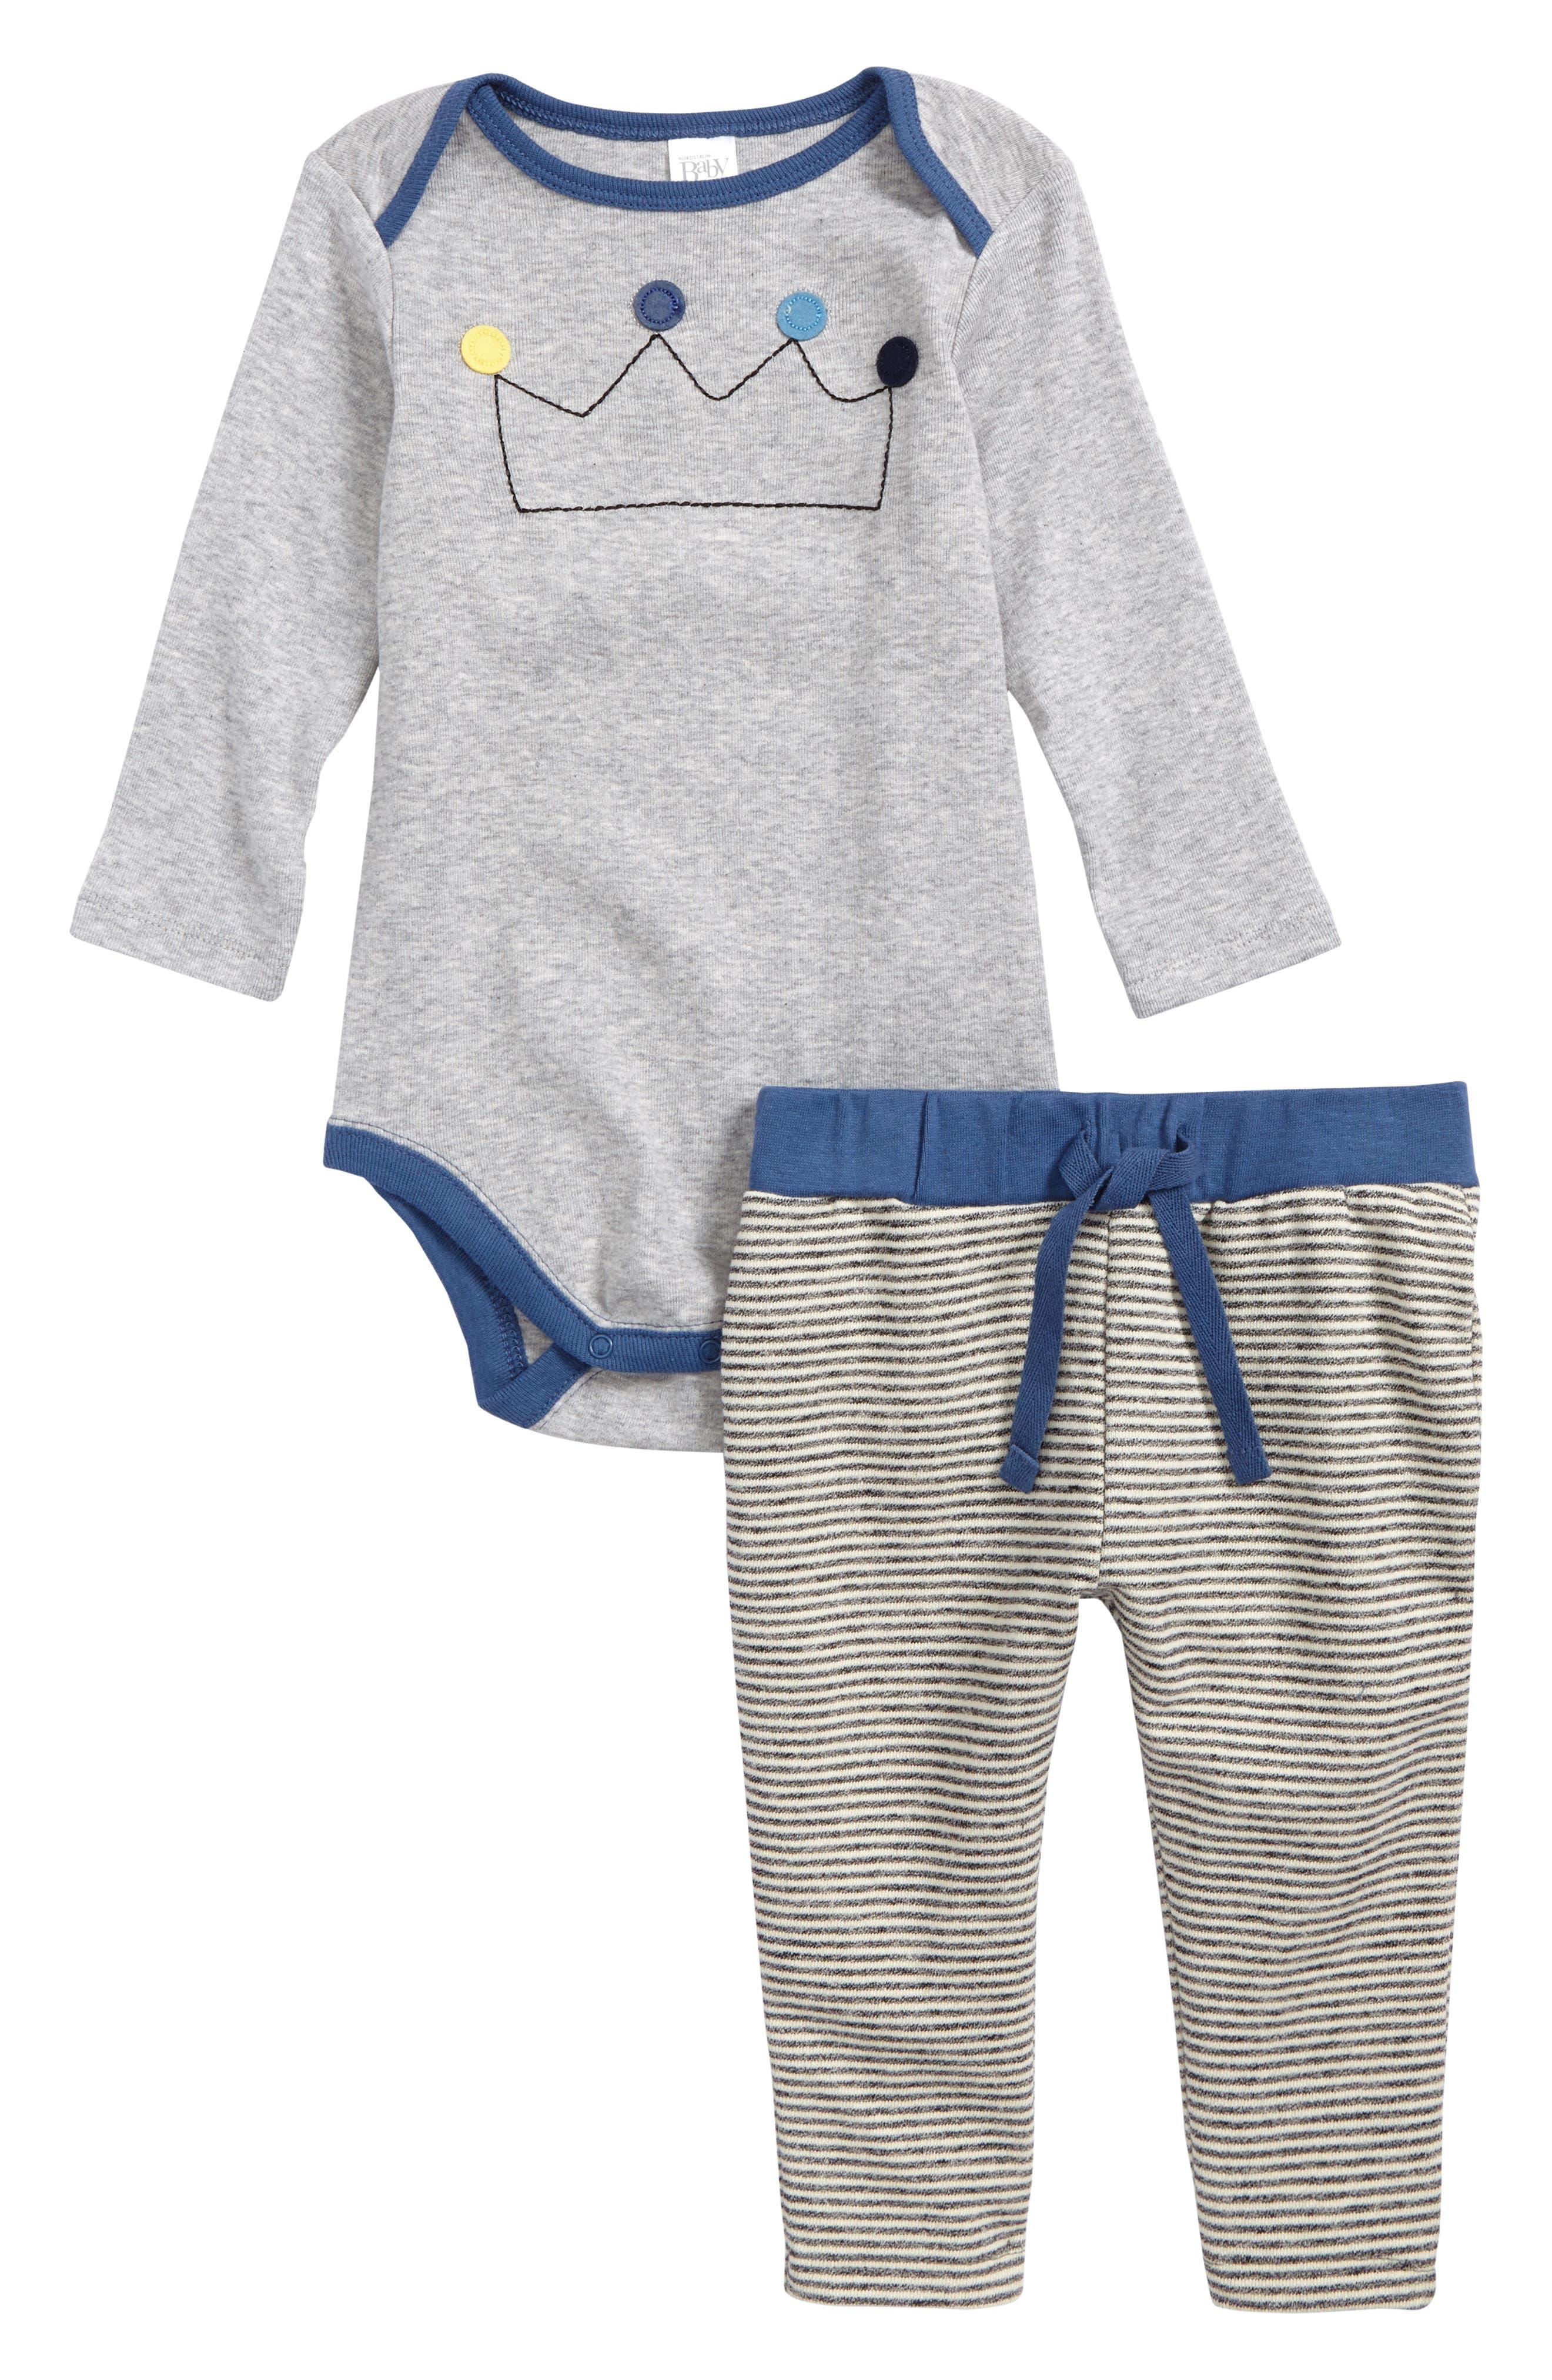 Appliqué Bodysuit & Sweatpants Set,                         Main,                         color, Grey Ash Heather Crown